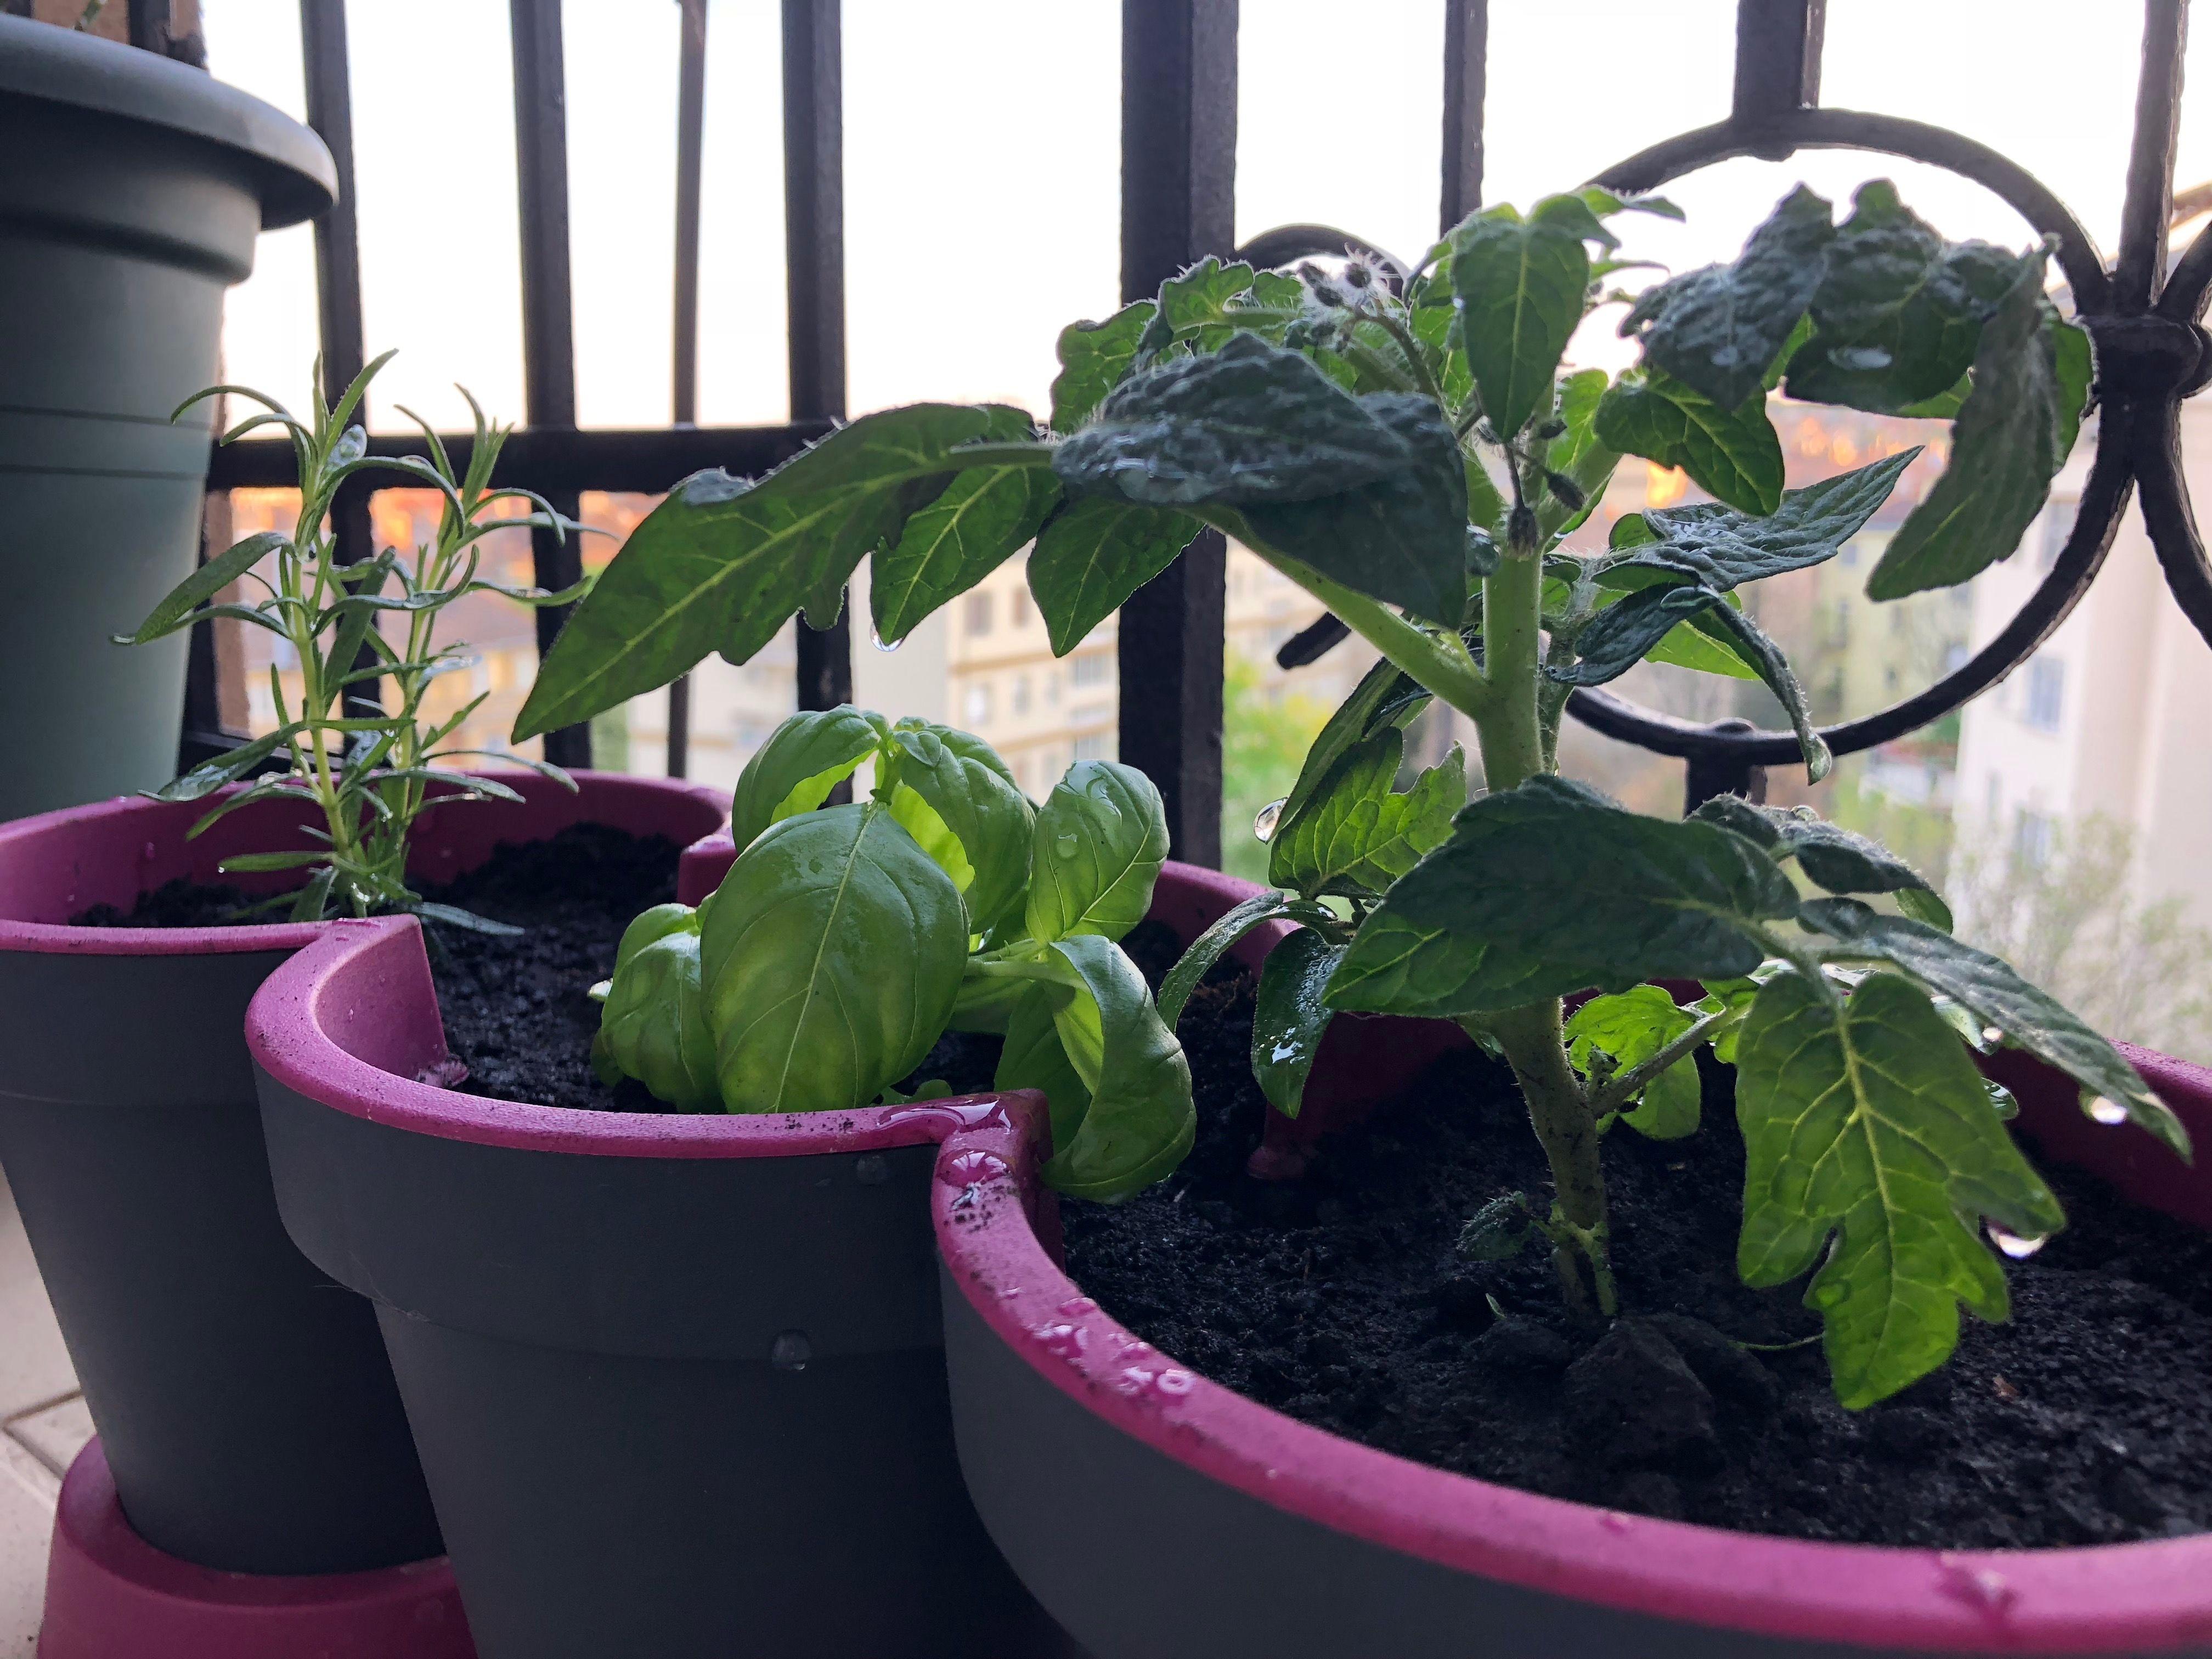 otthoni palantazas, kerteszkedes